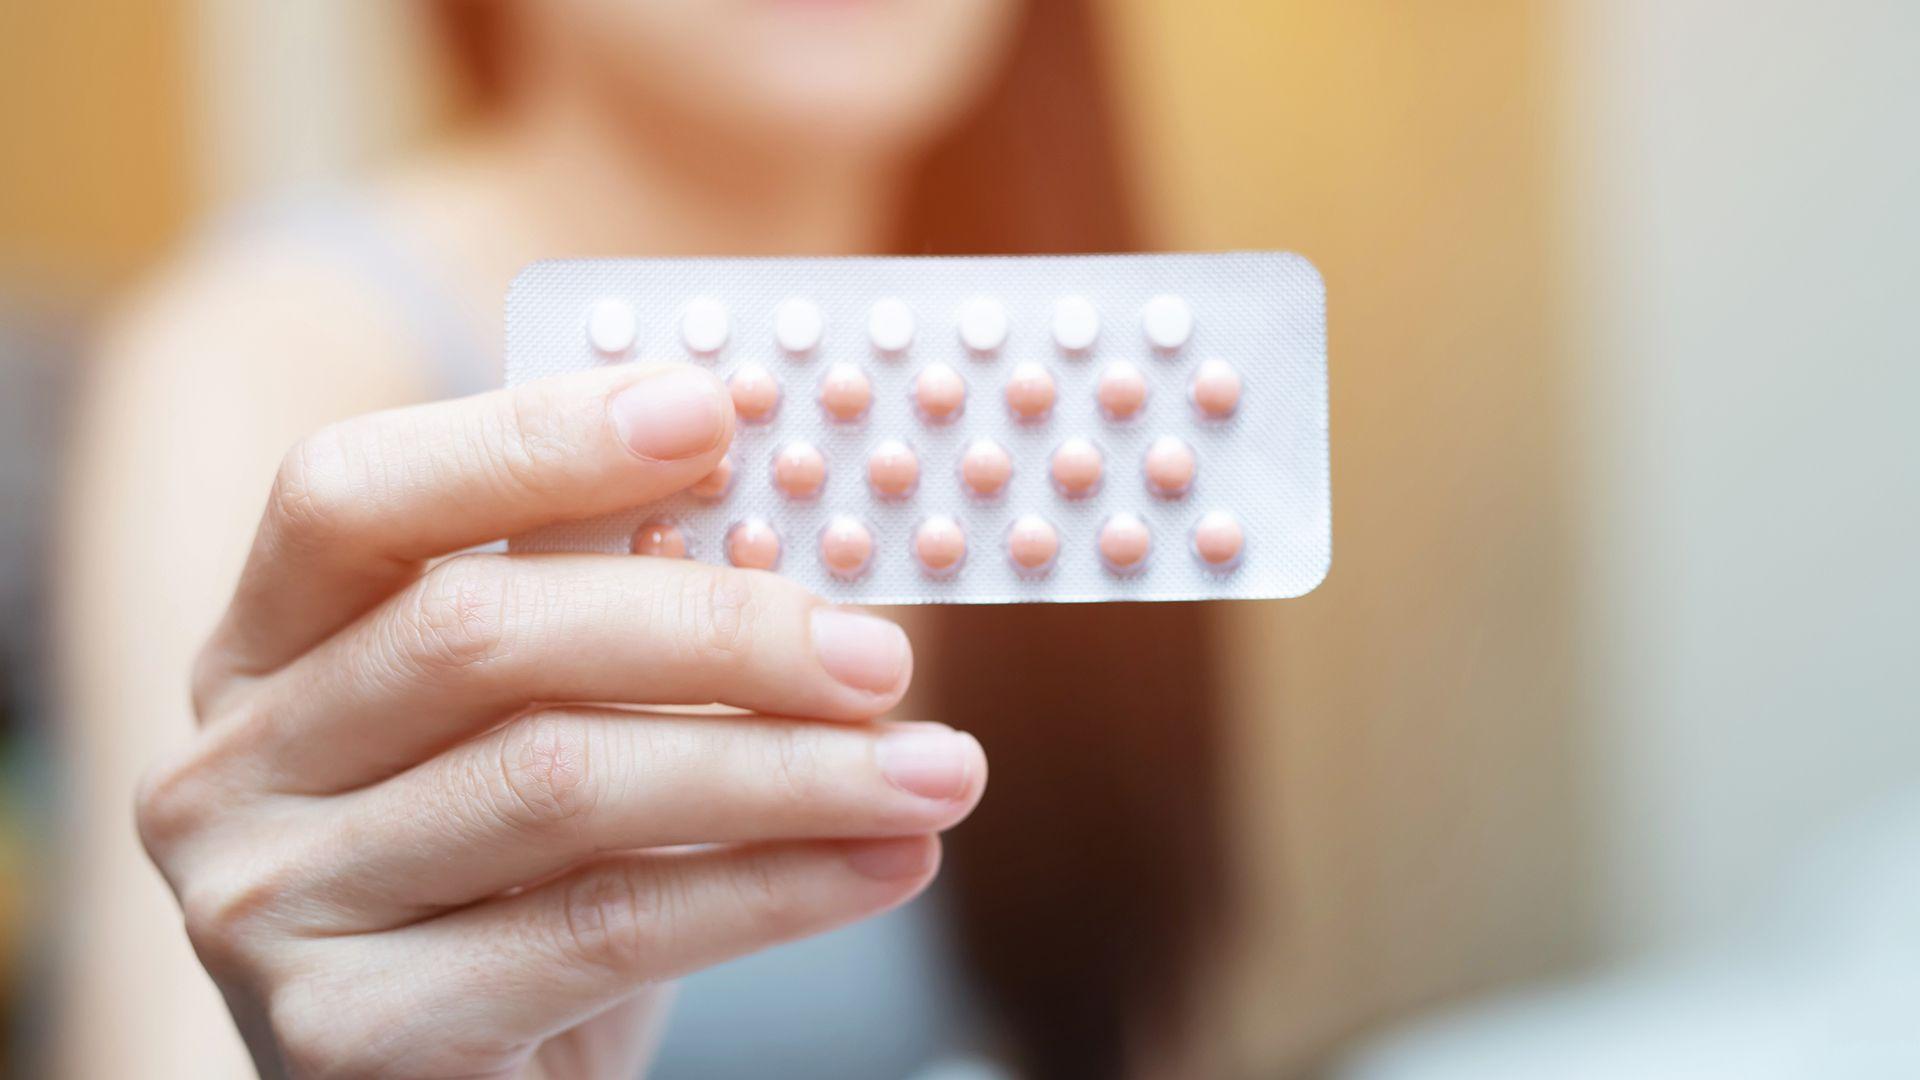 """""""La idea de que la medicación puede alterar algo tan fundamental para nuestras personalidades como nuestra sexualidad plantea muchas preguntas sobre la psicología, la atracción, incluso la noción completa del yo"""", advierte la psicóloga social evolutiva Sarah E Hill (Shutterstock)"""